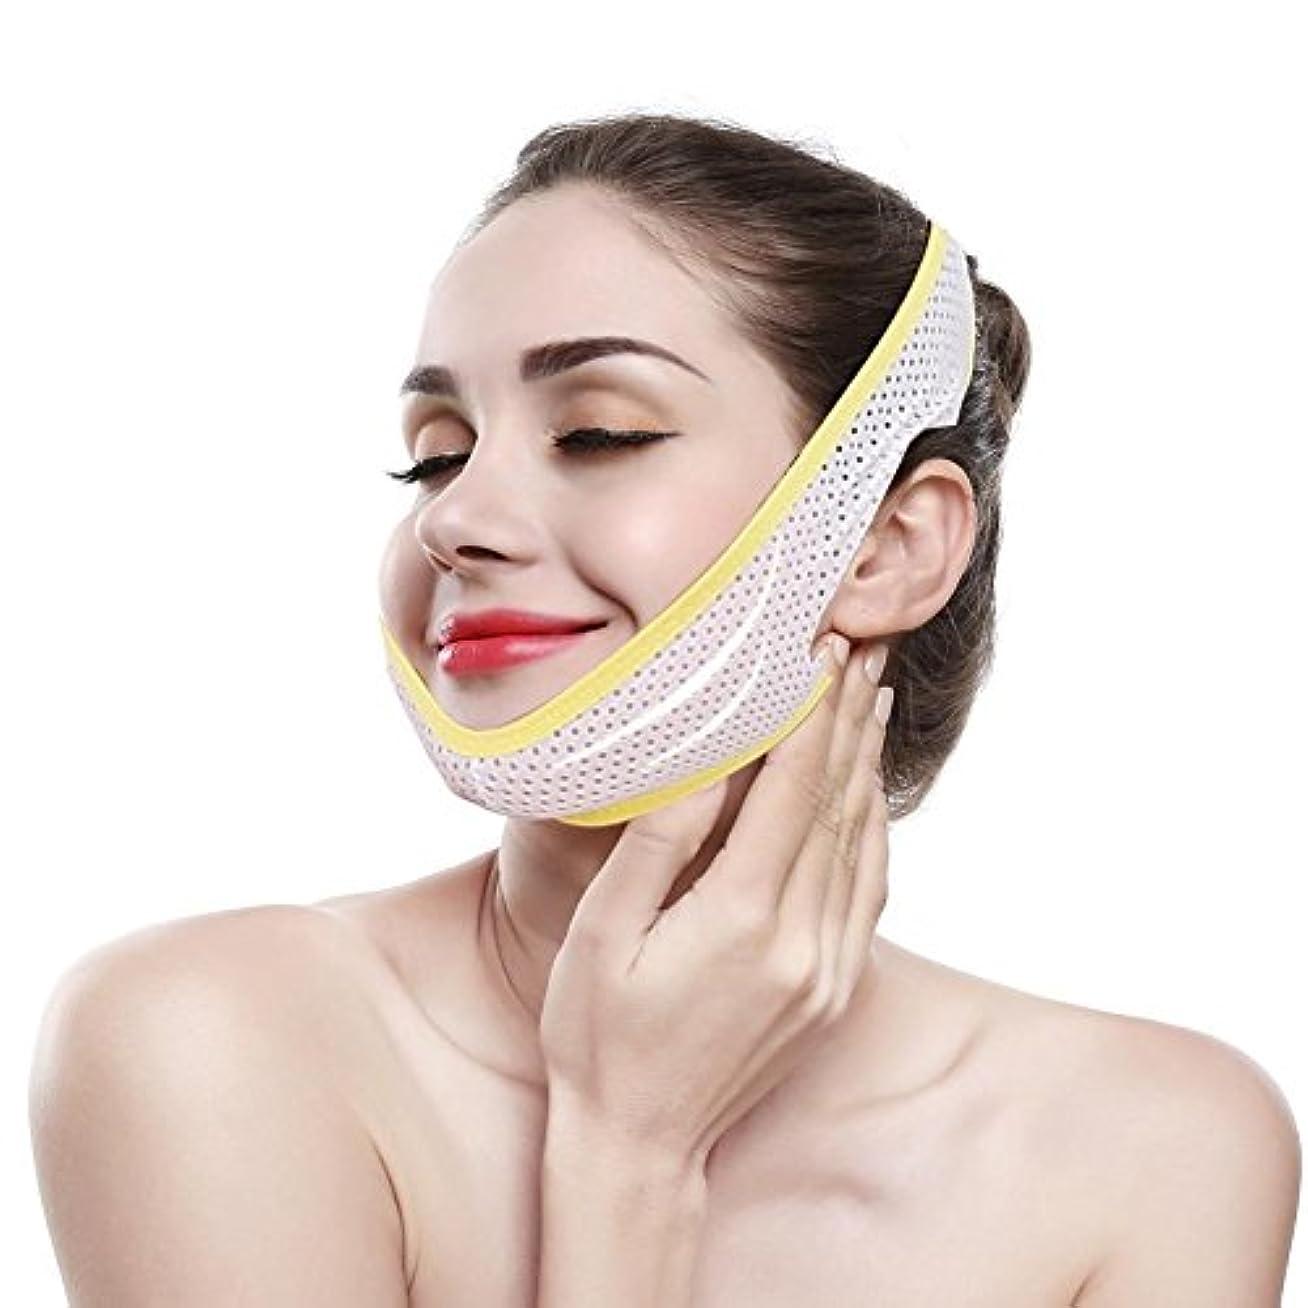 移動するオデュッセウスペニー顎リフト フェイススリミング包帯 フェイスベルト 顔の包帯スリミングダブルチンVラインとフェイシャルケアファーミングスキン 女性の超薄型 フェイスマス クラインベルト スリミング製品マスク(M)